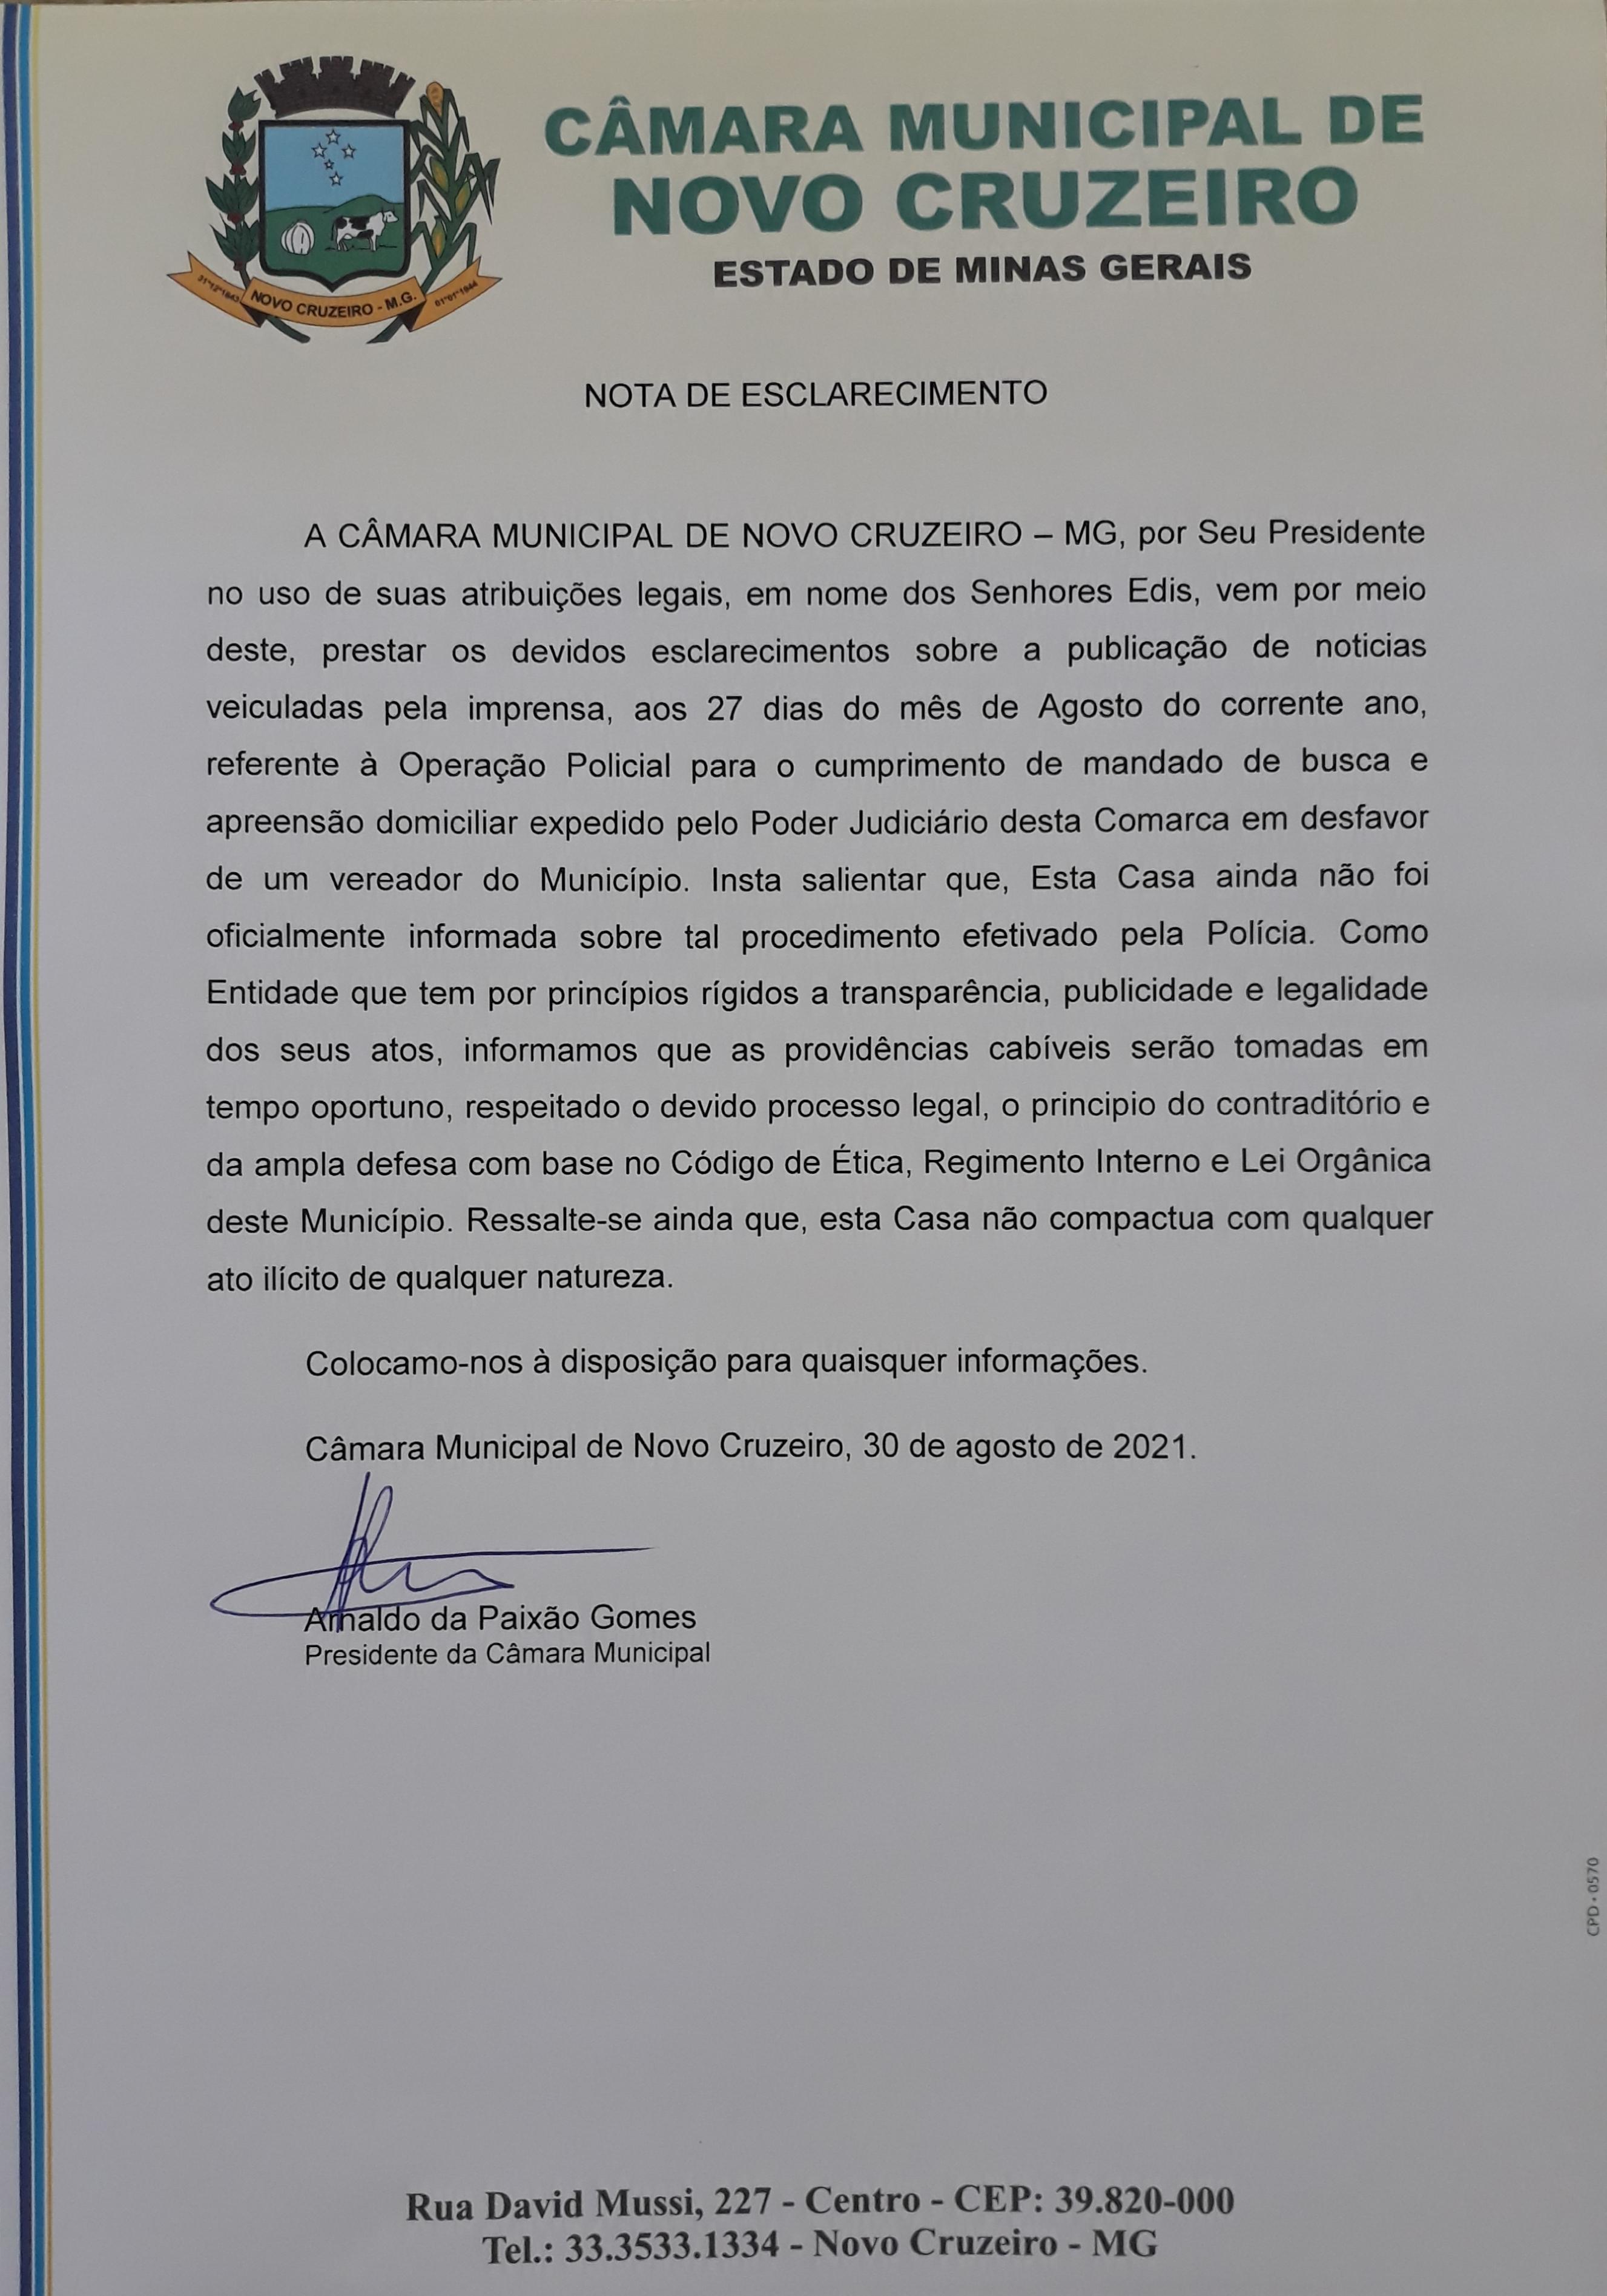 NOTA DE ESCLARECIMENTO - 30/08/2021